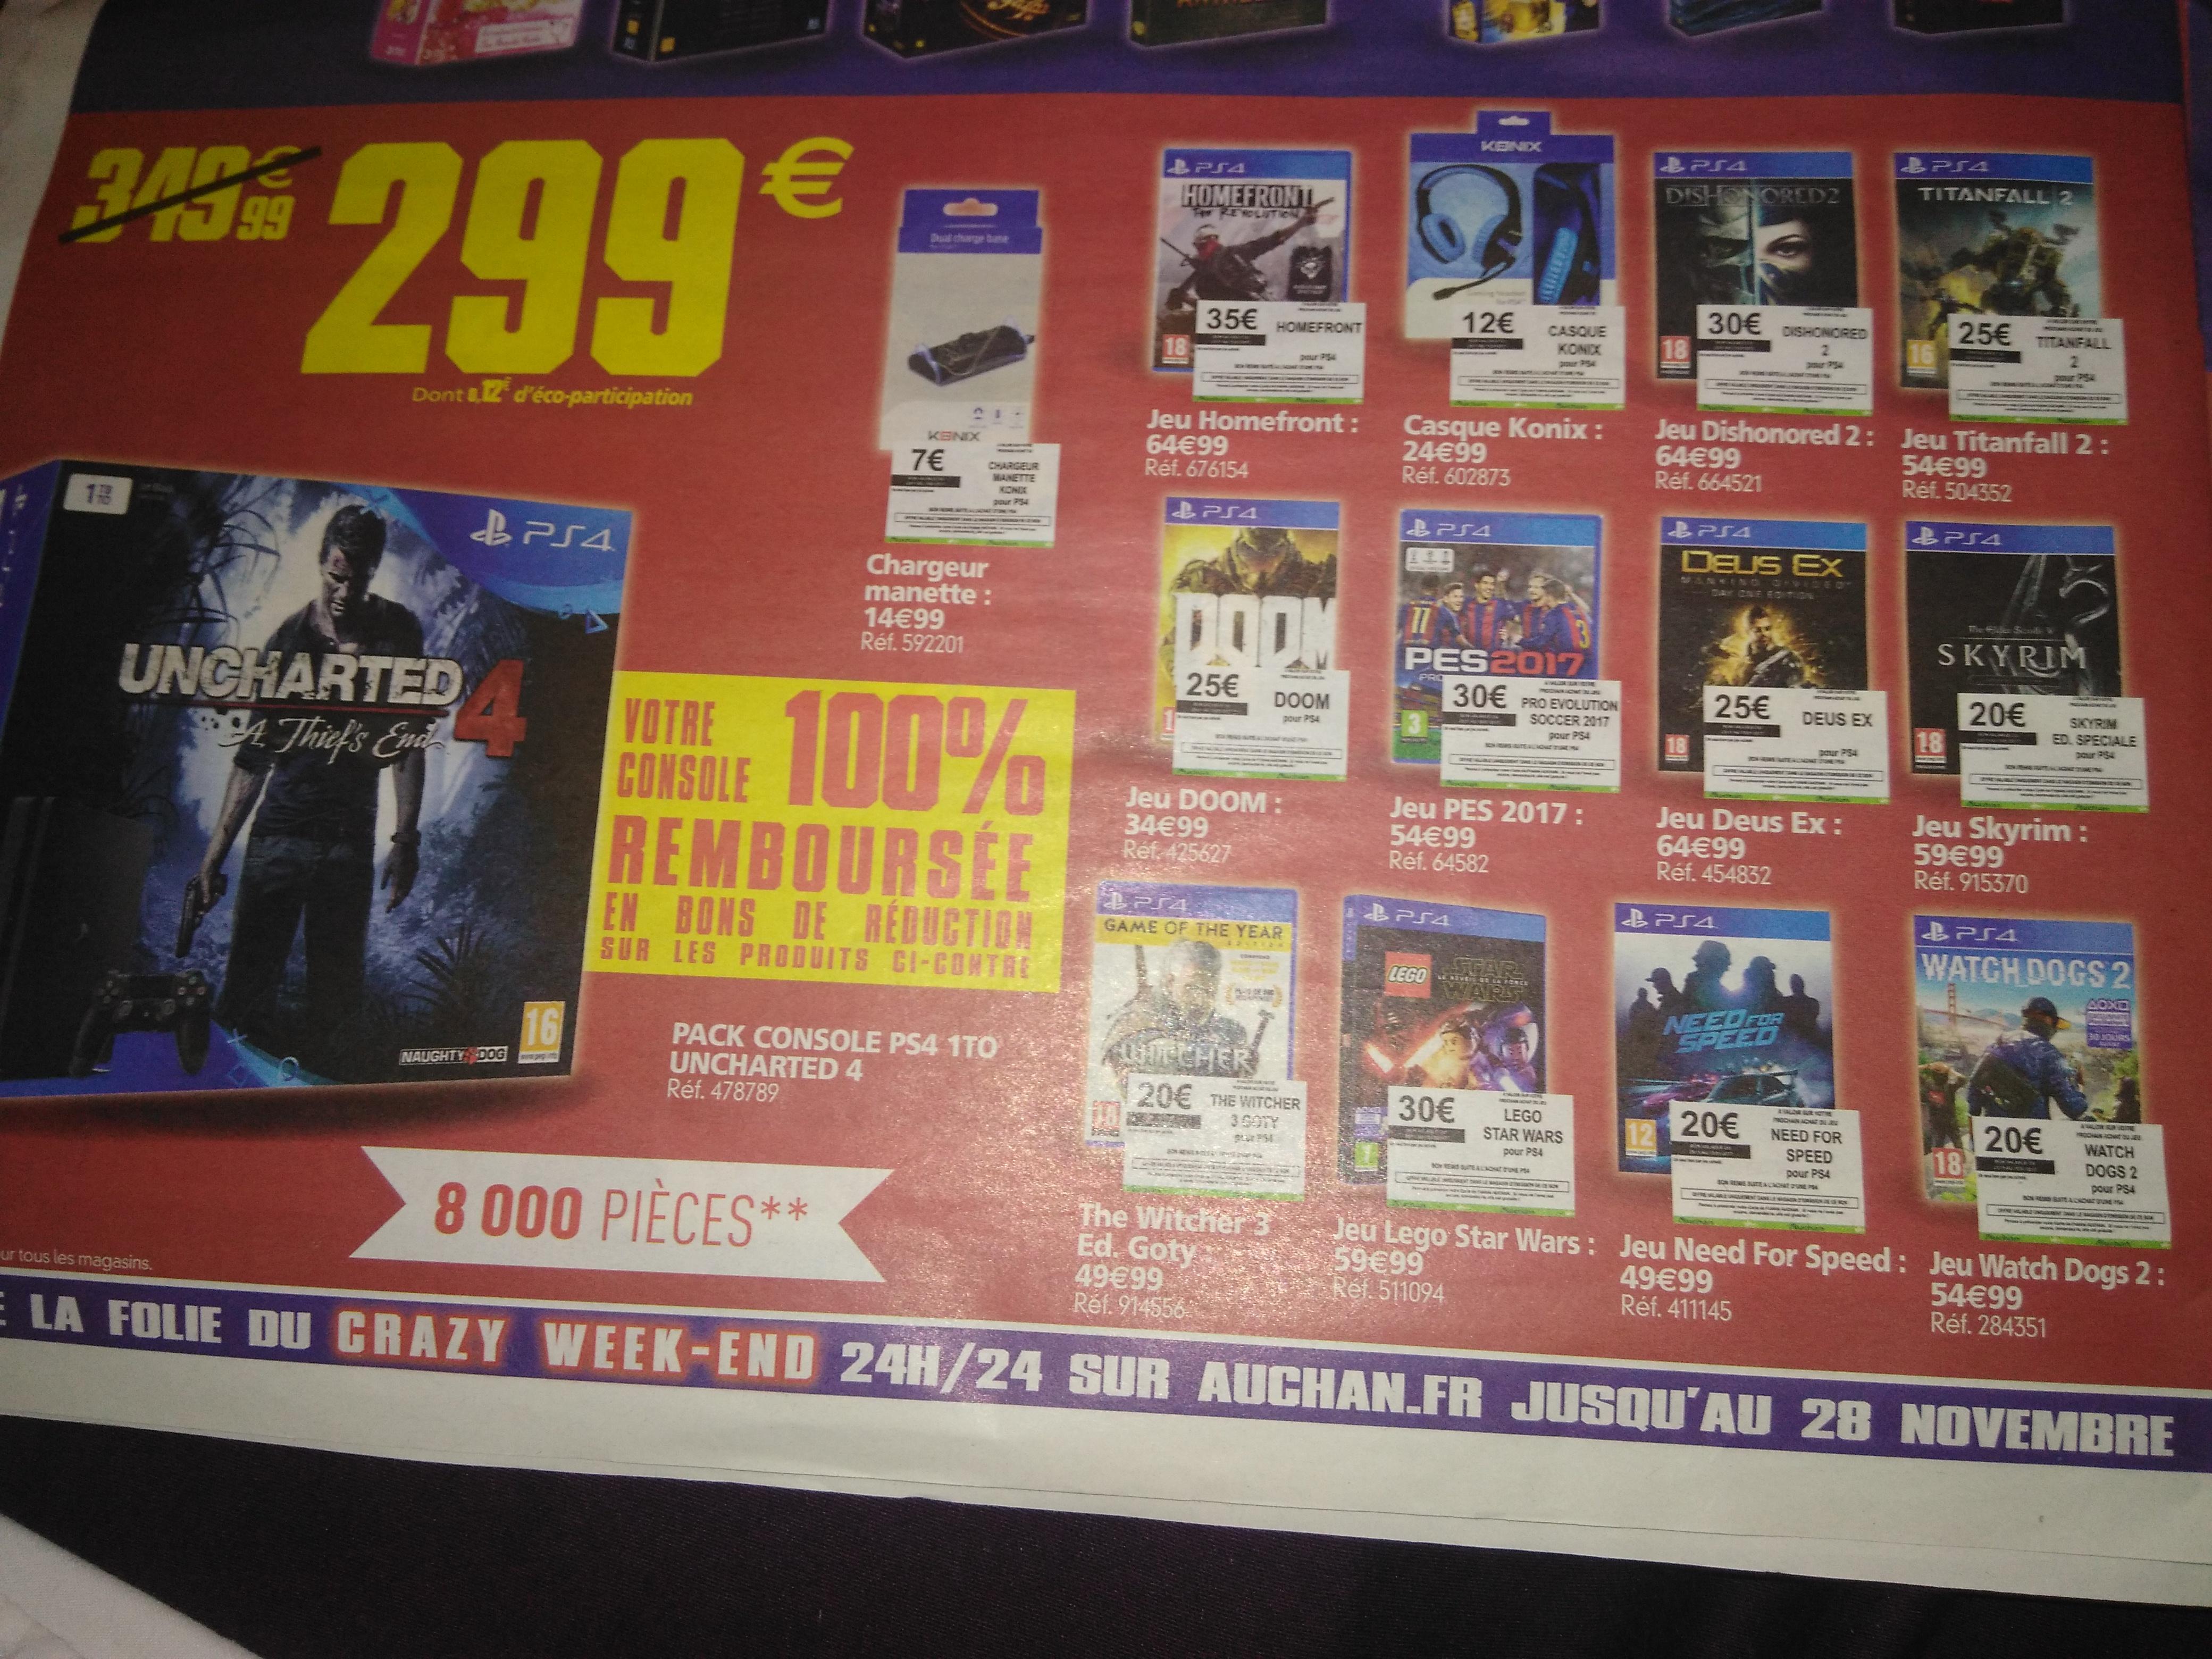 Console Sony PS4 1 To + Uncharted 4 + 13 Bons de réduction à utiliser sur une sélection de jeux/accessoires